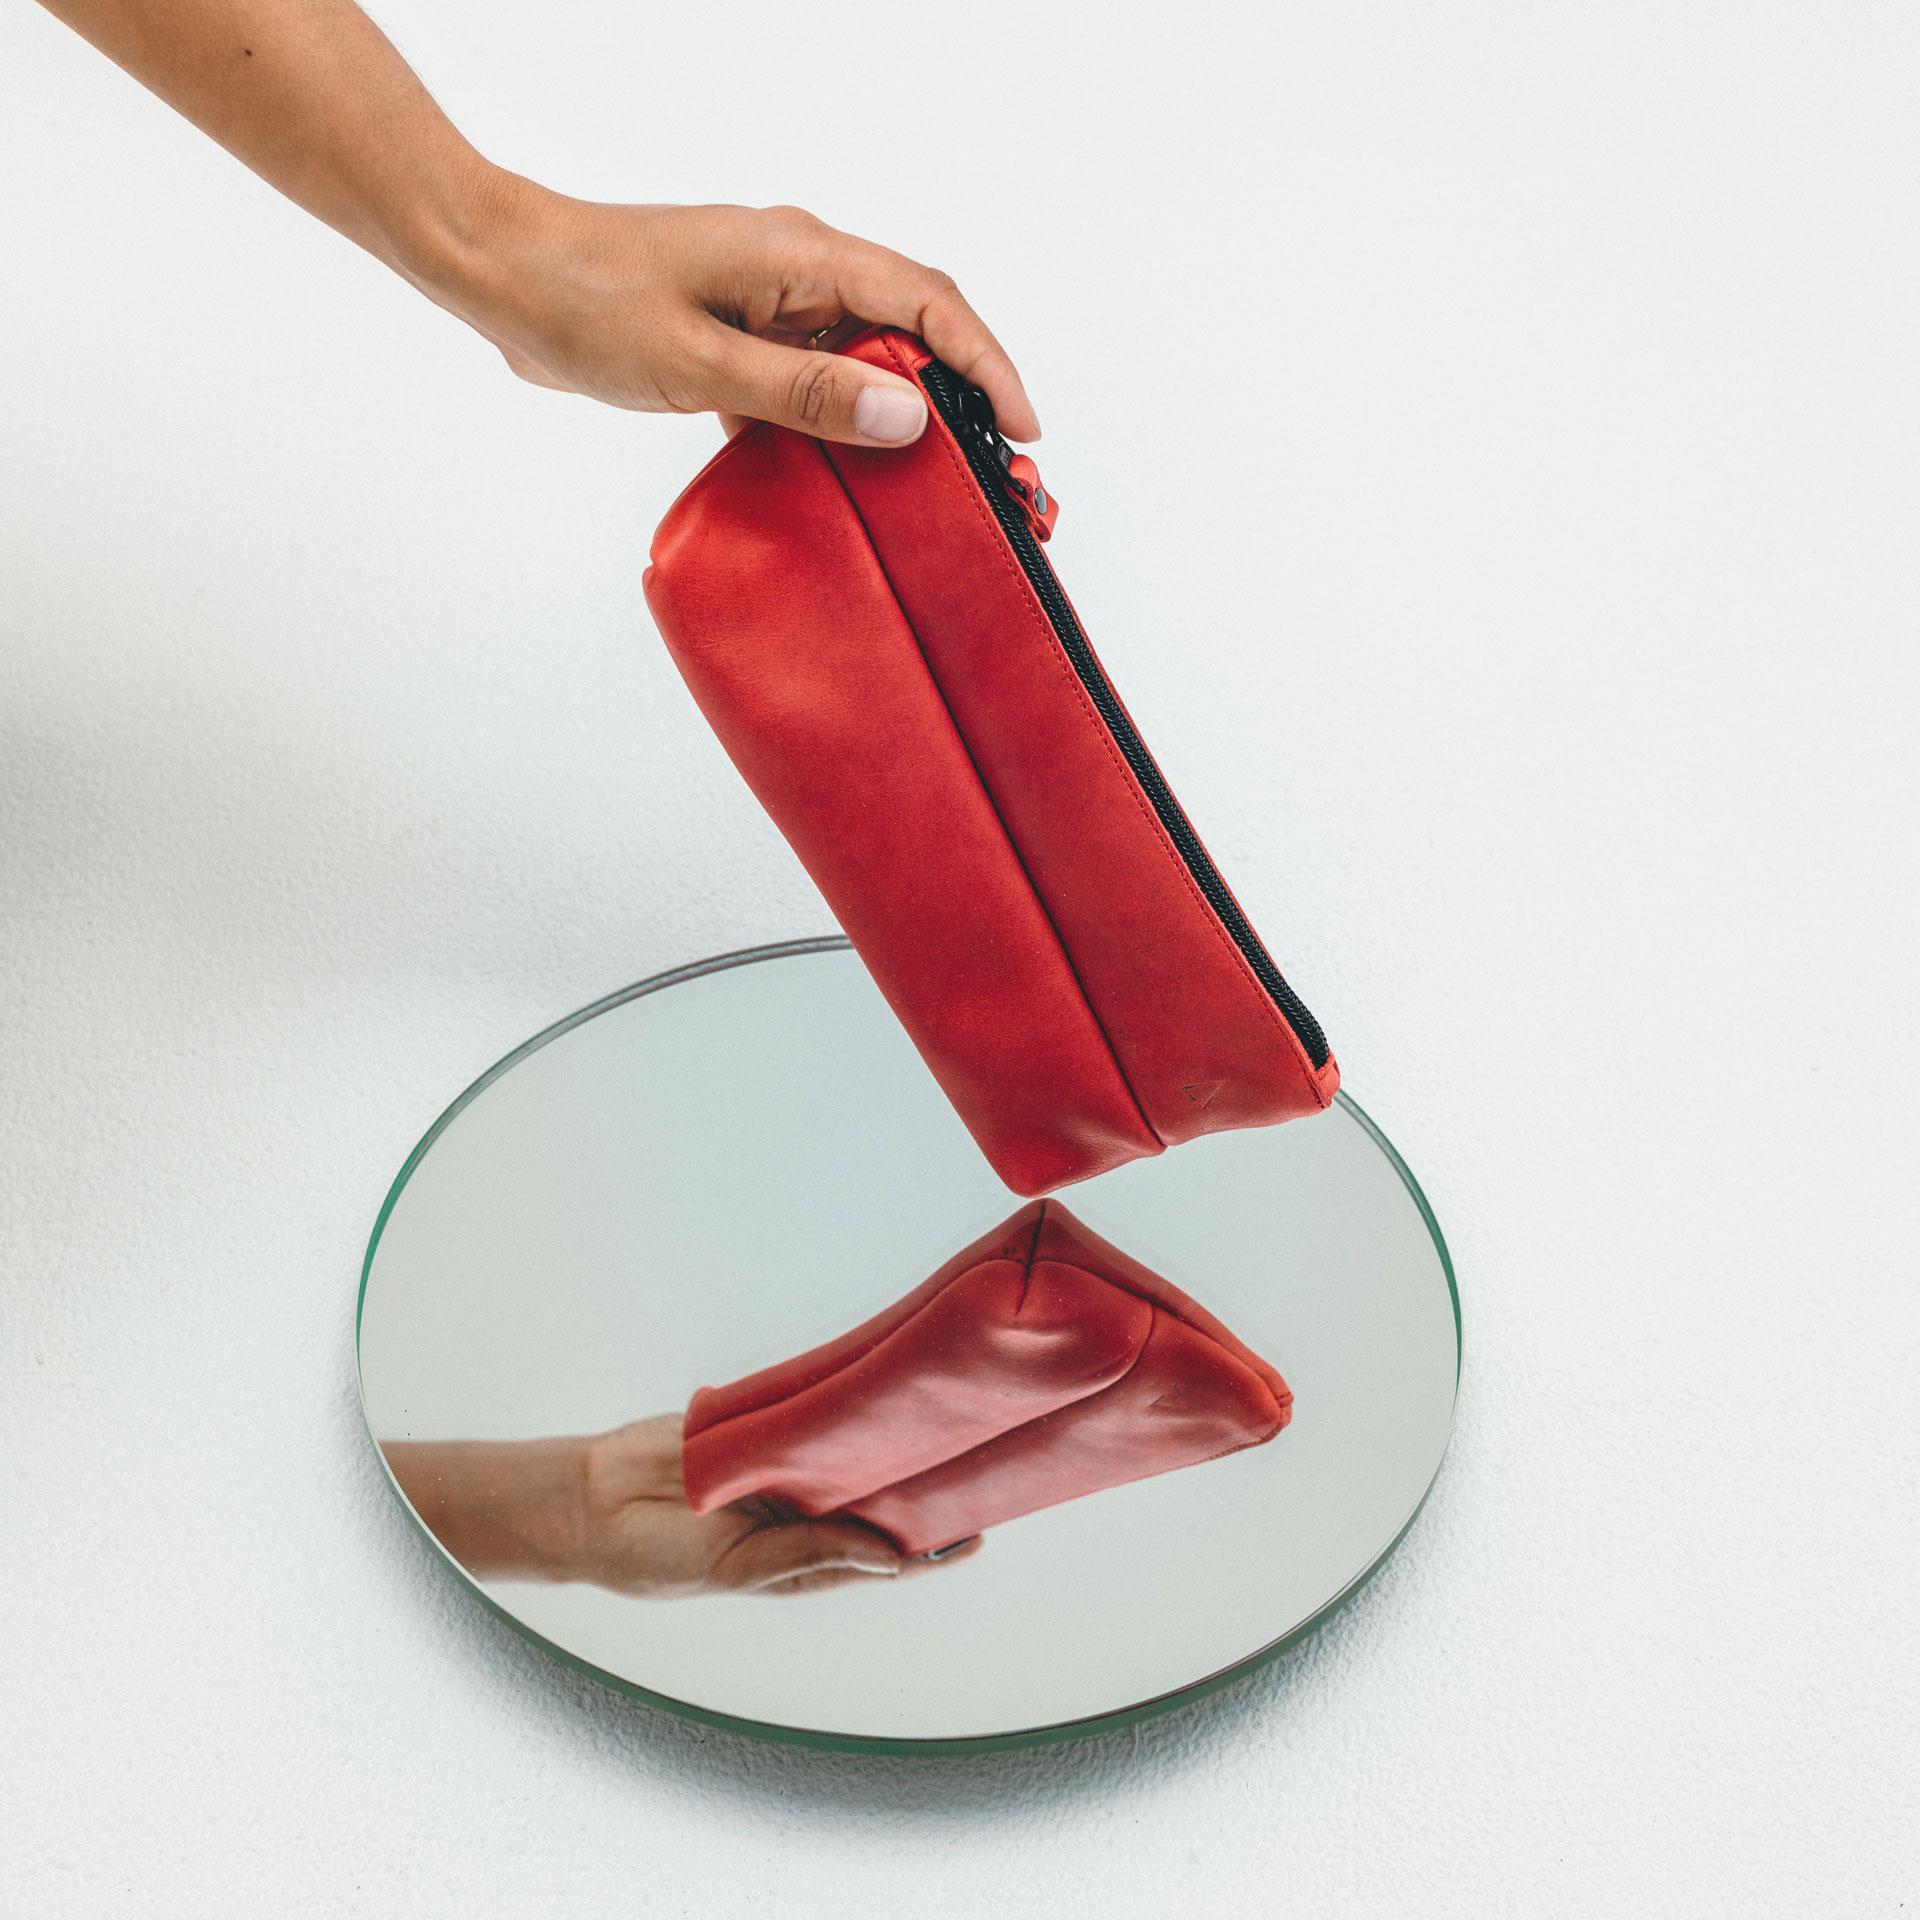 Stifteetui PEN aus nachhaltigem Naturleder in Rot über Spiegel gehalten